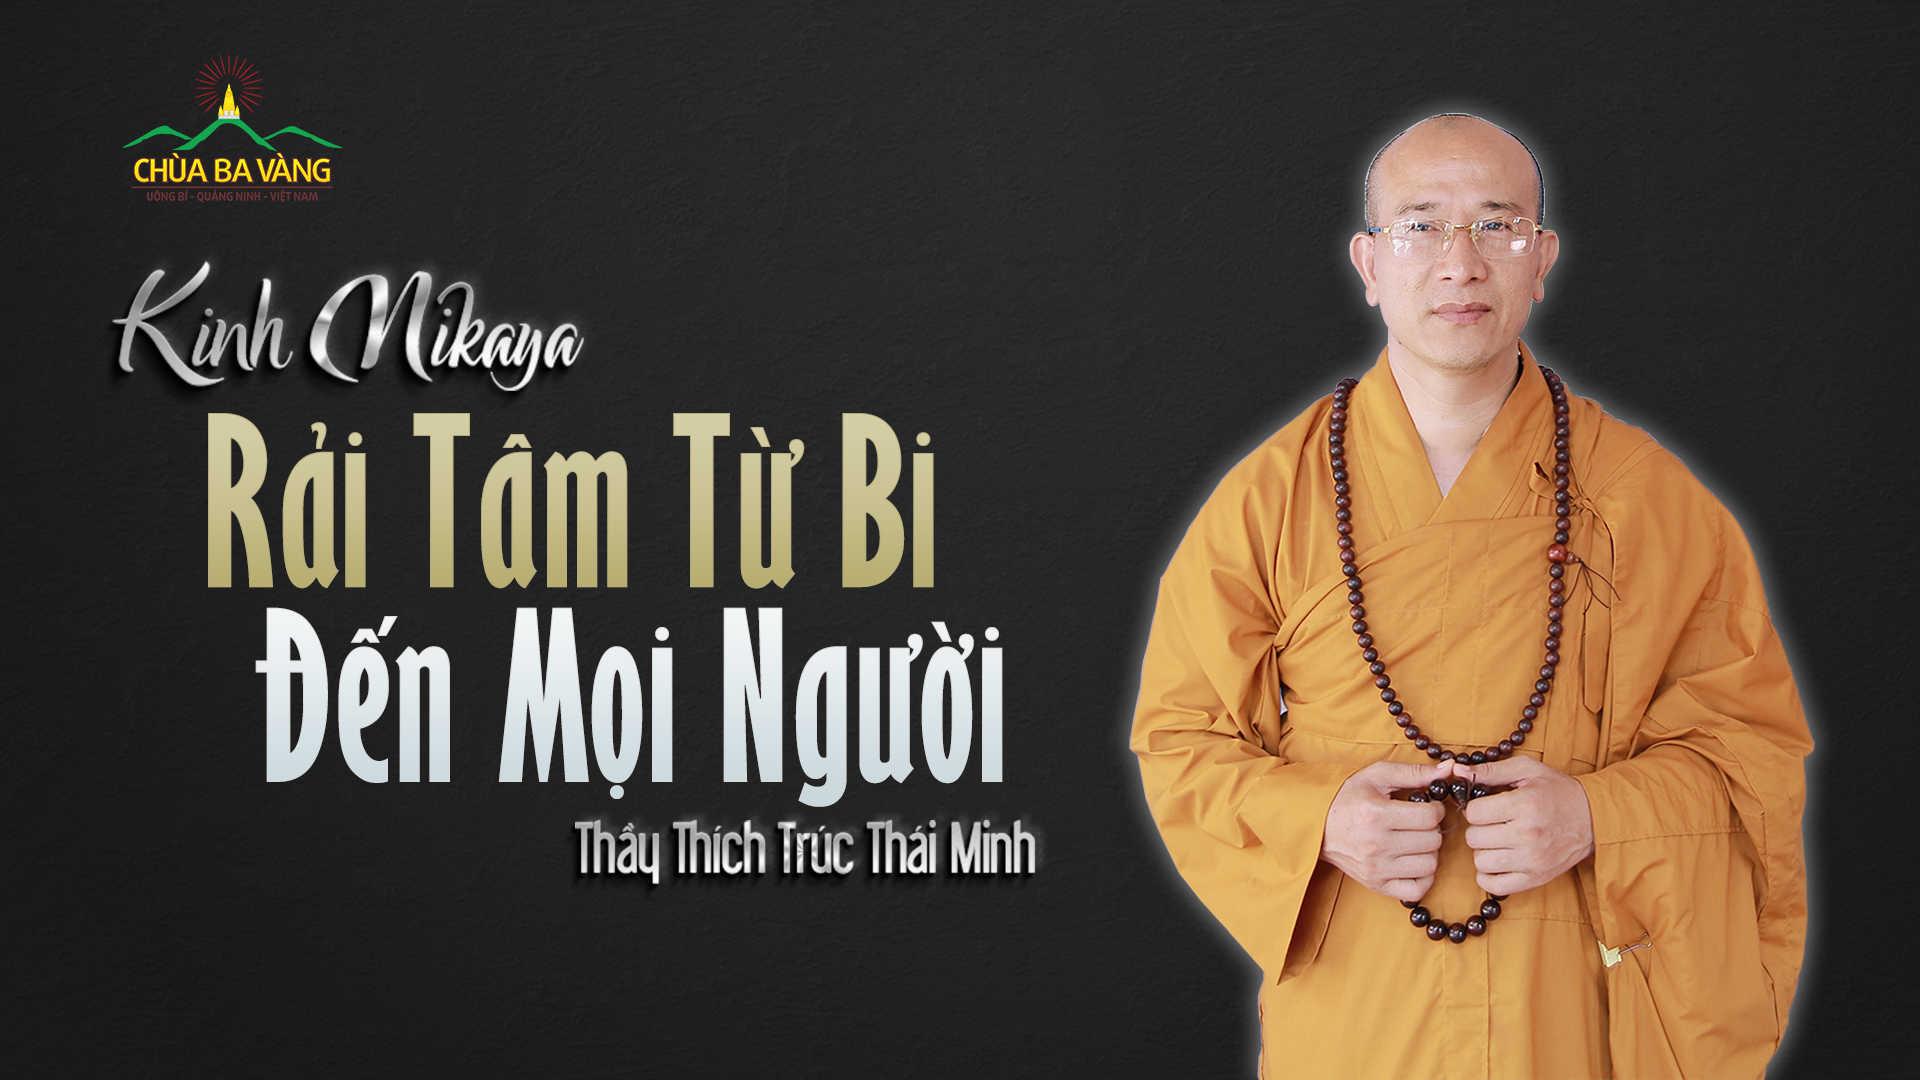 Rải tâm từ bi đến mọi người chùa Ba Vàng.